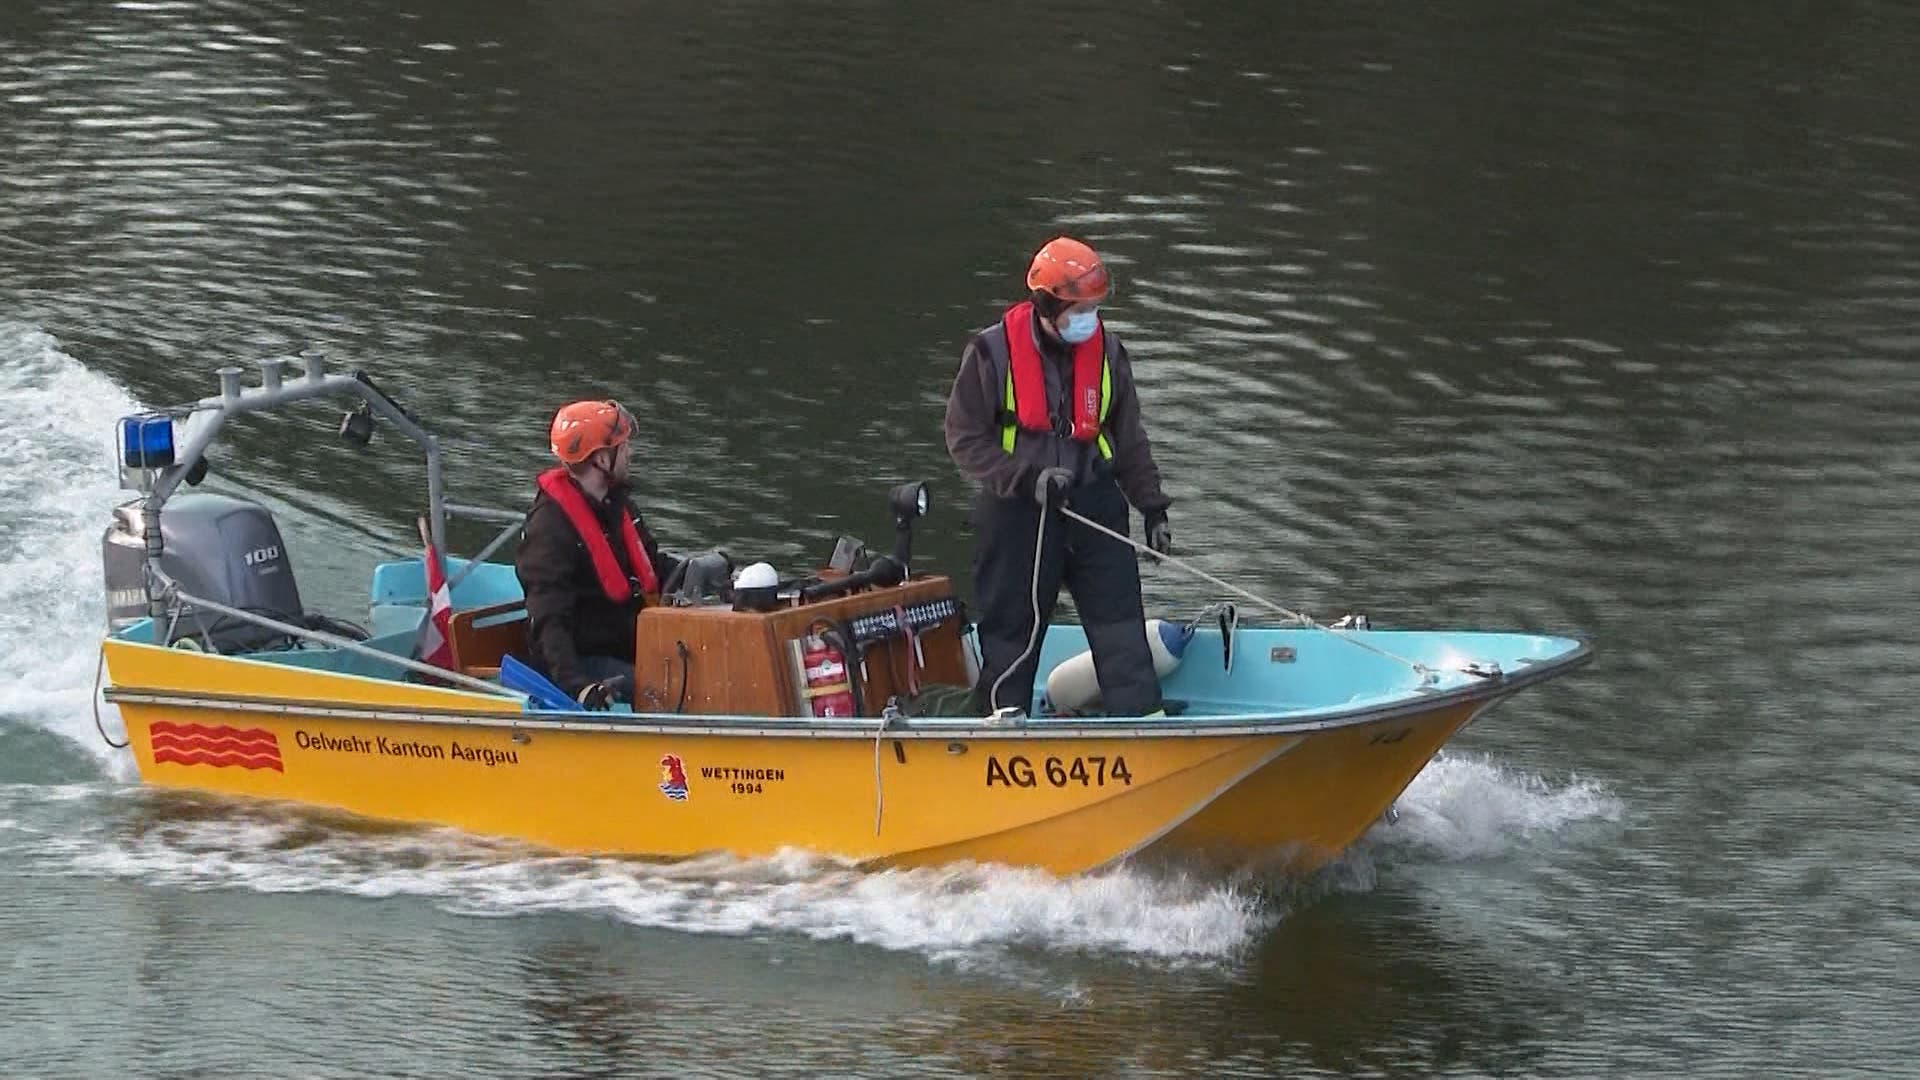 Die Leiche musste mit einem Boot geborgen werden.